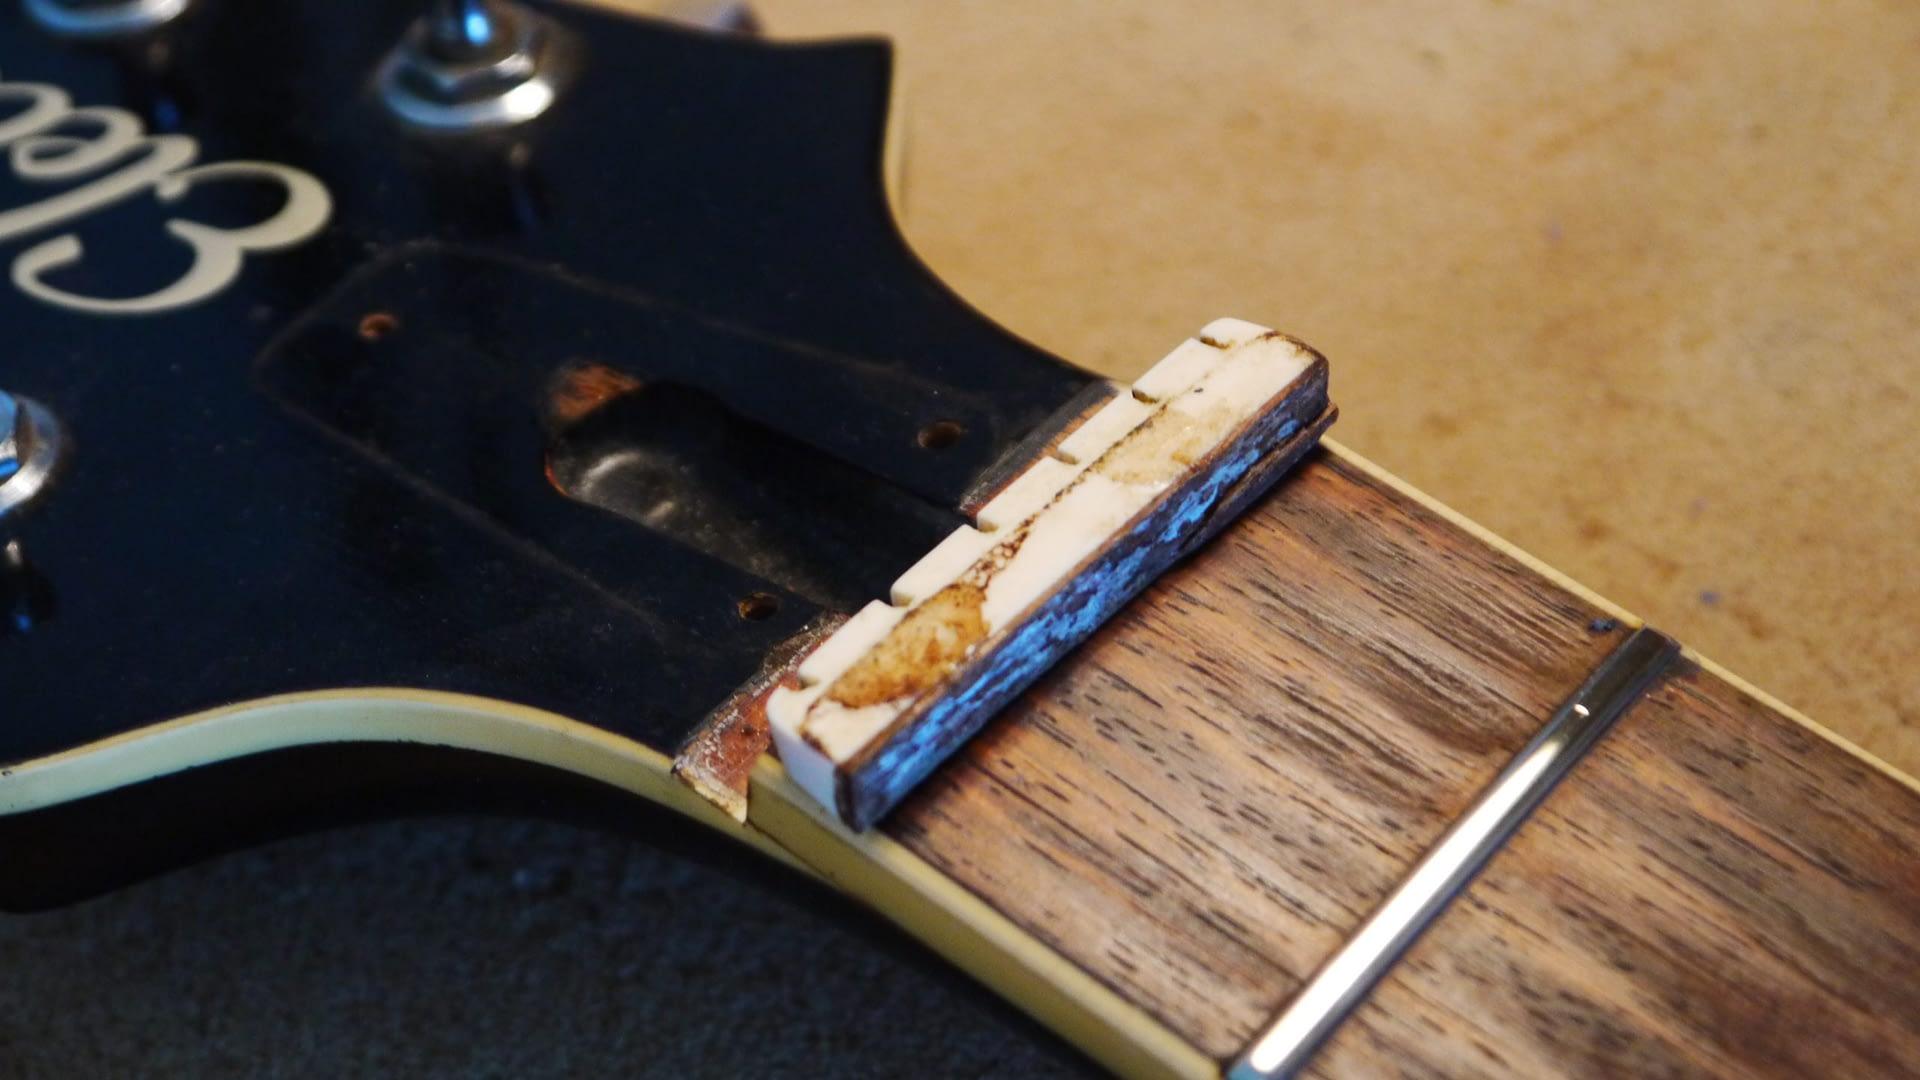 Removal of Old Nut guitar repair stroud